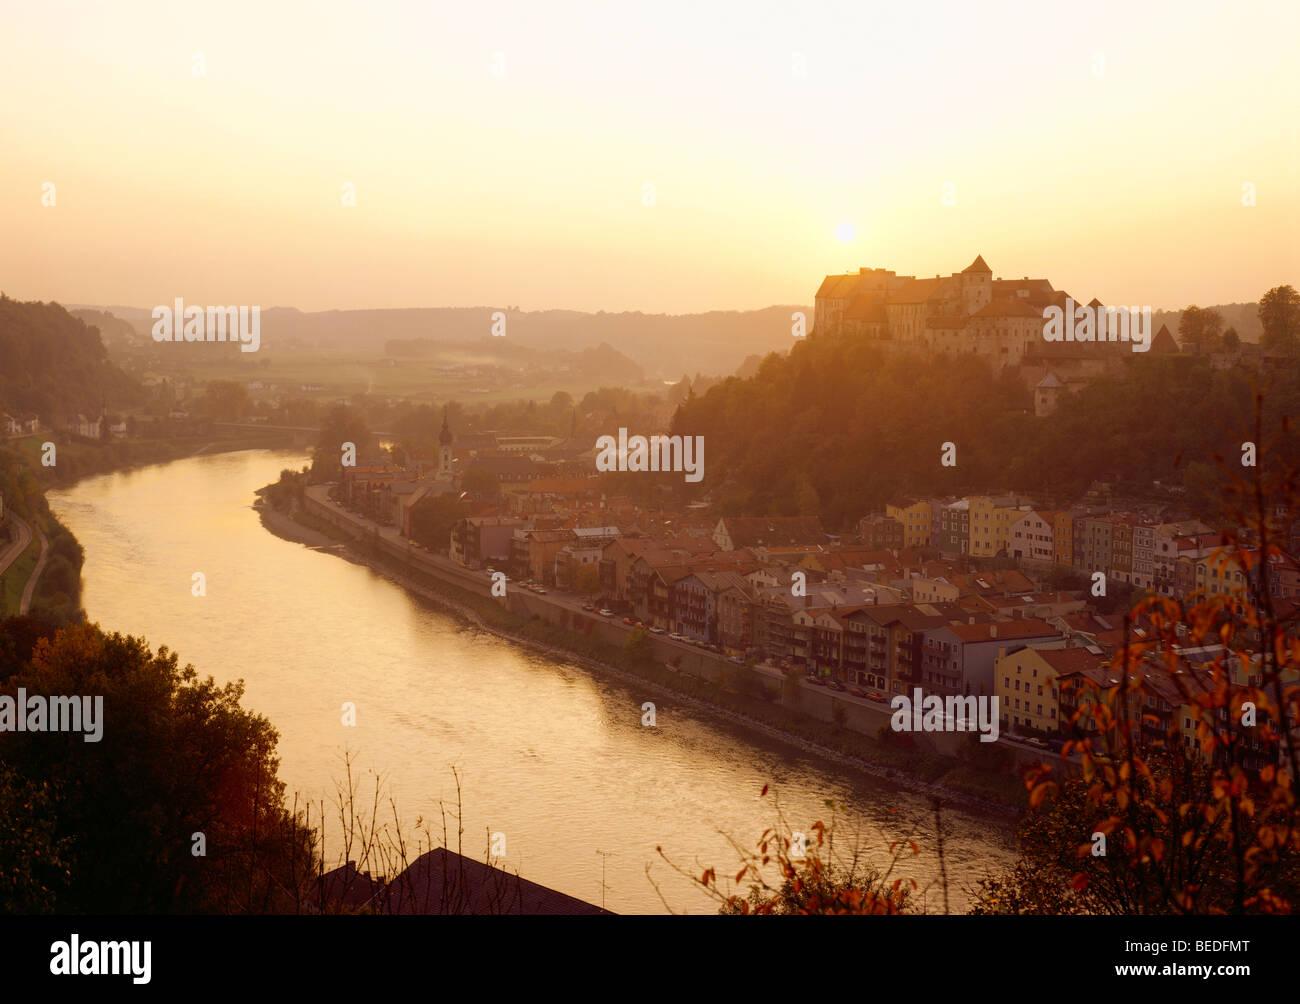 Centro histórico de la ciudad con el castillo y el río Salzach, Burghausen, Alta Baviera, Alemania, Europa Imagen De Stock